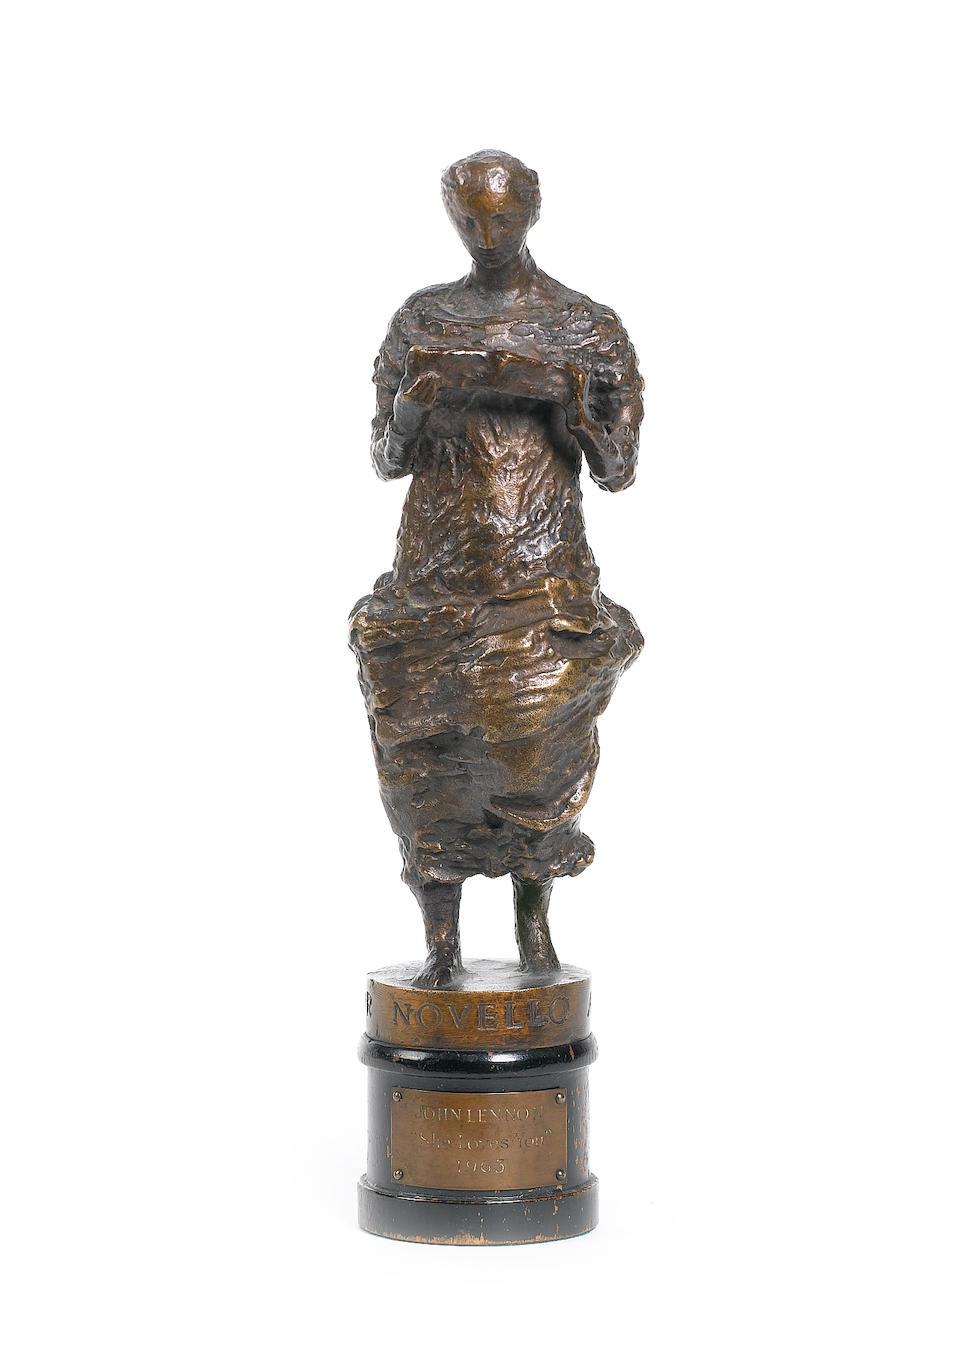 John Lennon: an Ivor Novello award for 'She Loves You',